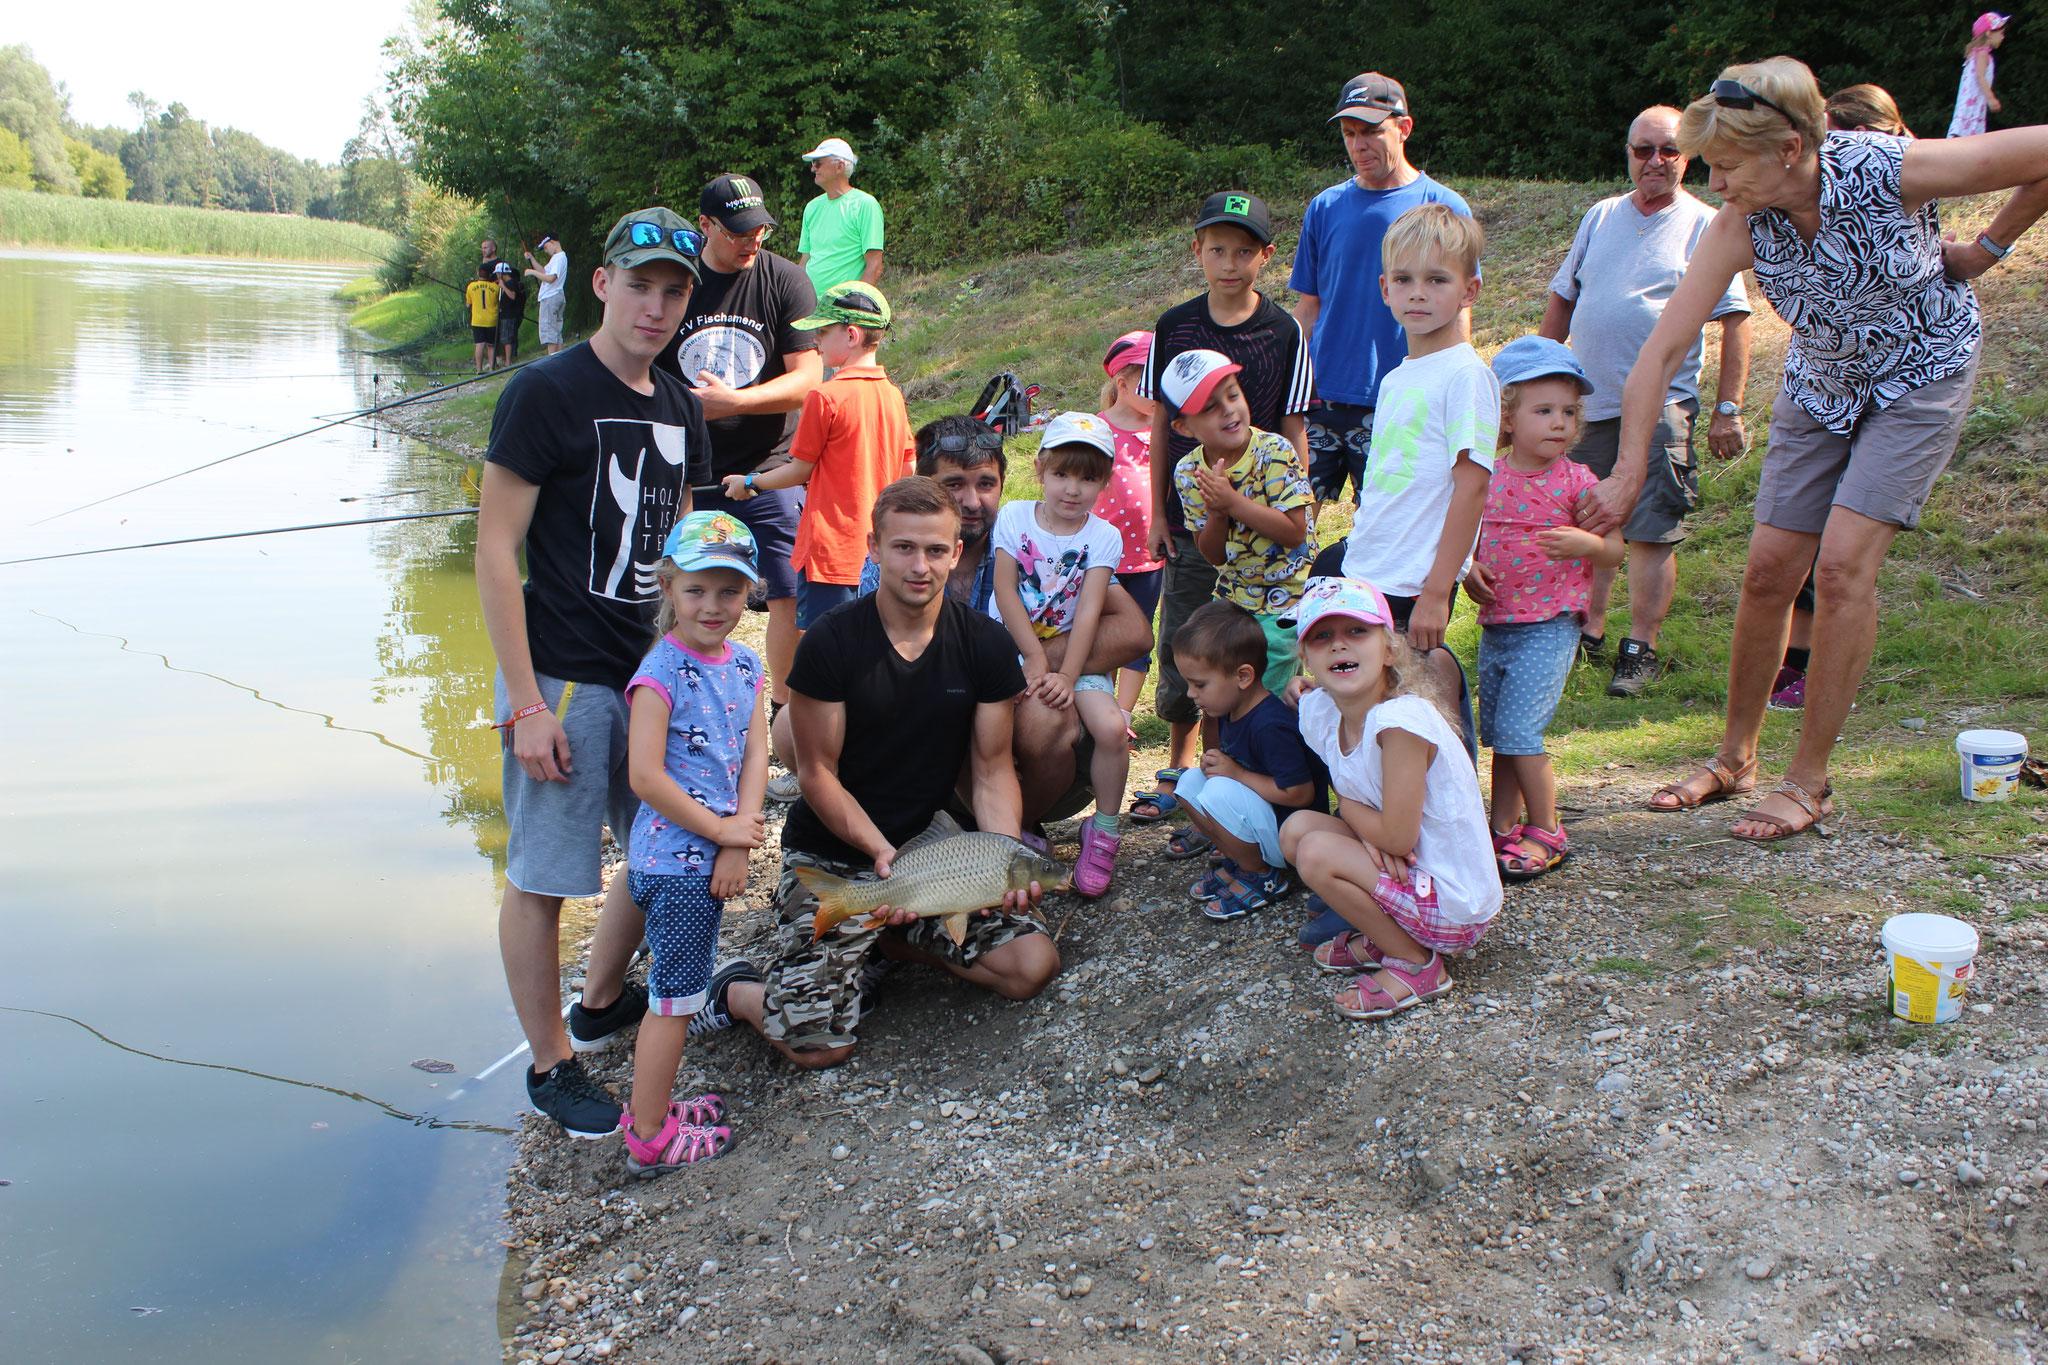 Kinderfischen 2017 - 22.07.2017 - die Kids konnten zahlreiche Fänge verzeichnen